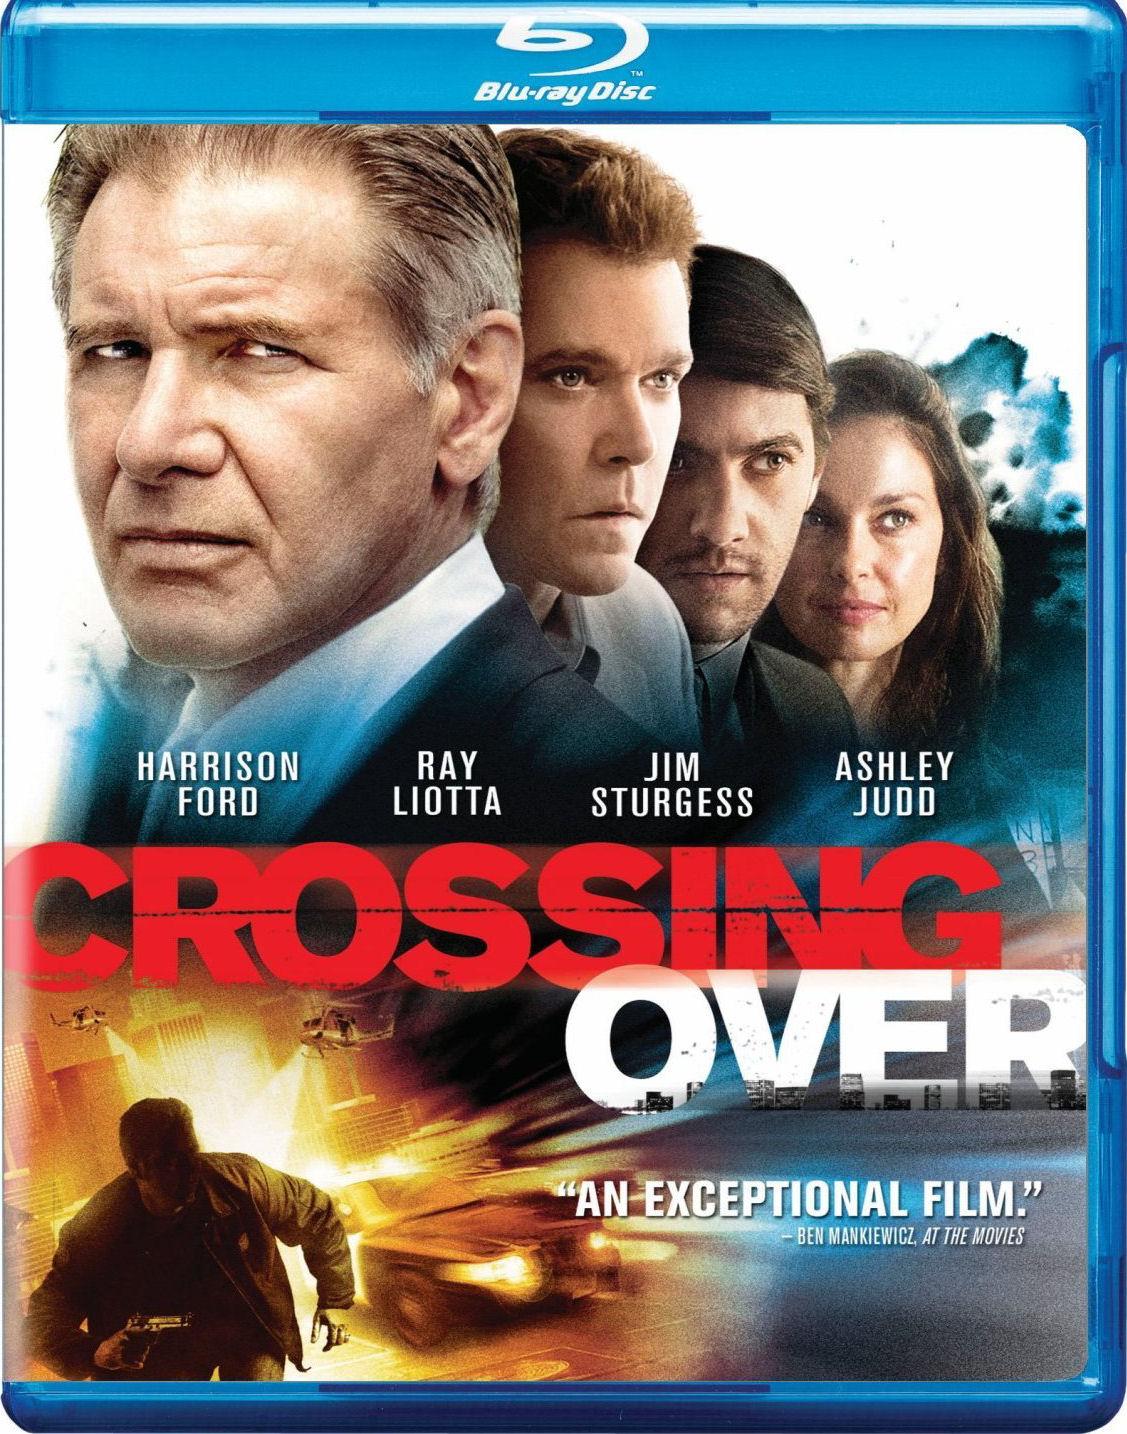 http://3.bp.blogspot.com/-M-ixaNx-I8U/TkQK76MFlrI/AAAAAAAABF4/D5hq92iqIsk/s1600/crossing-over.jpg